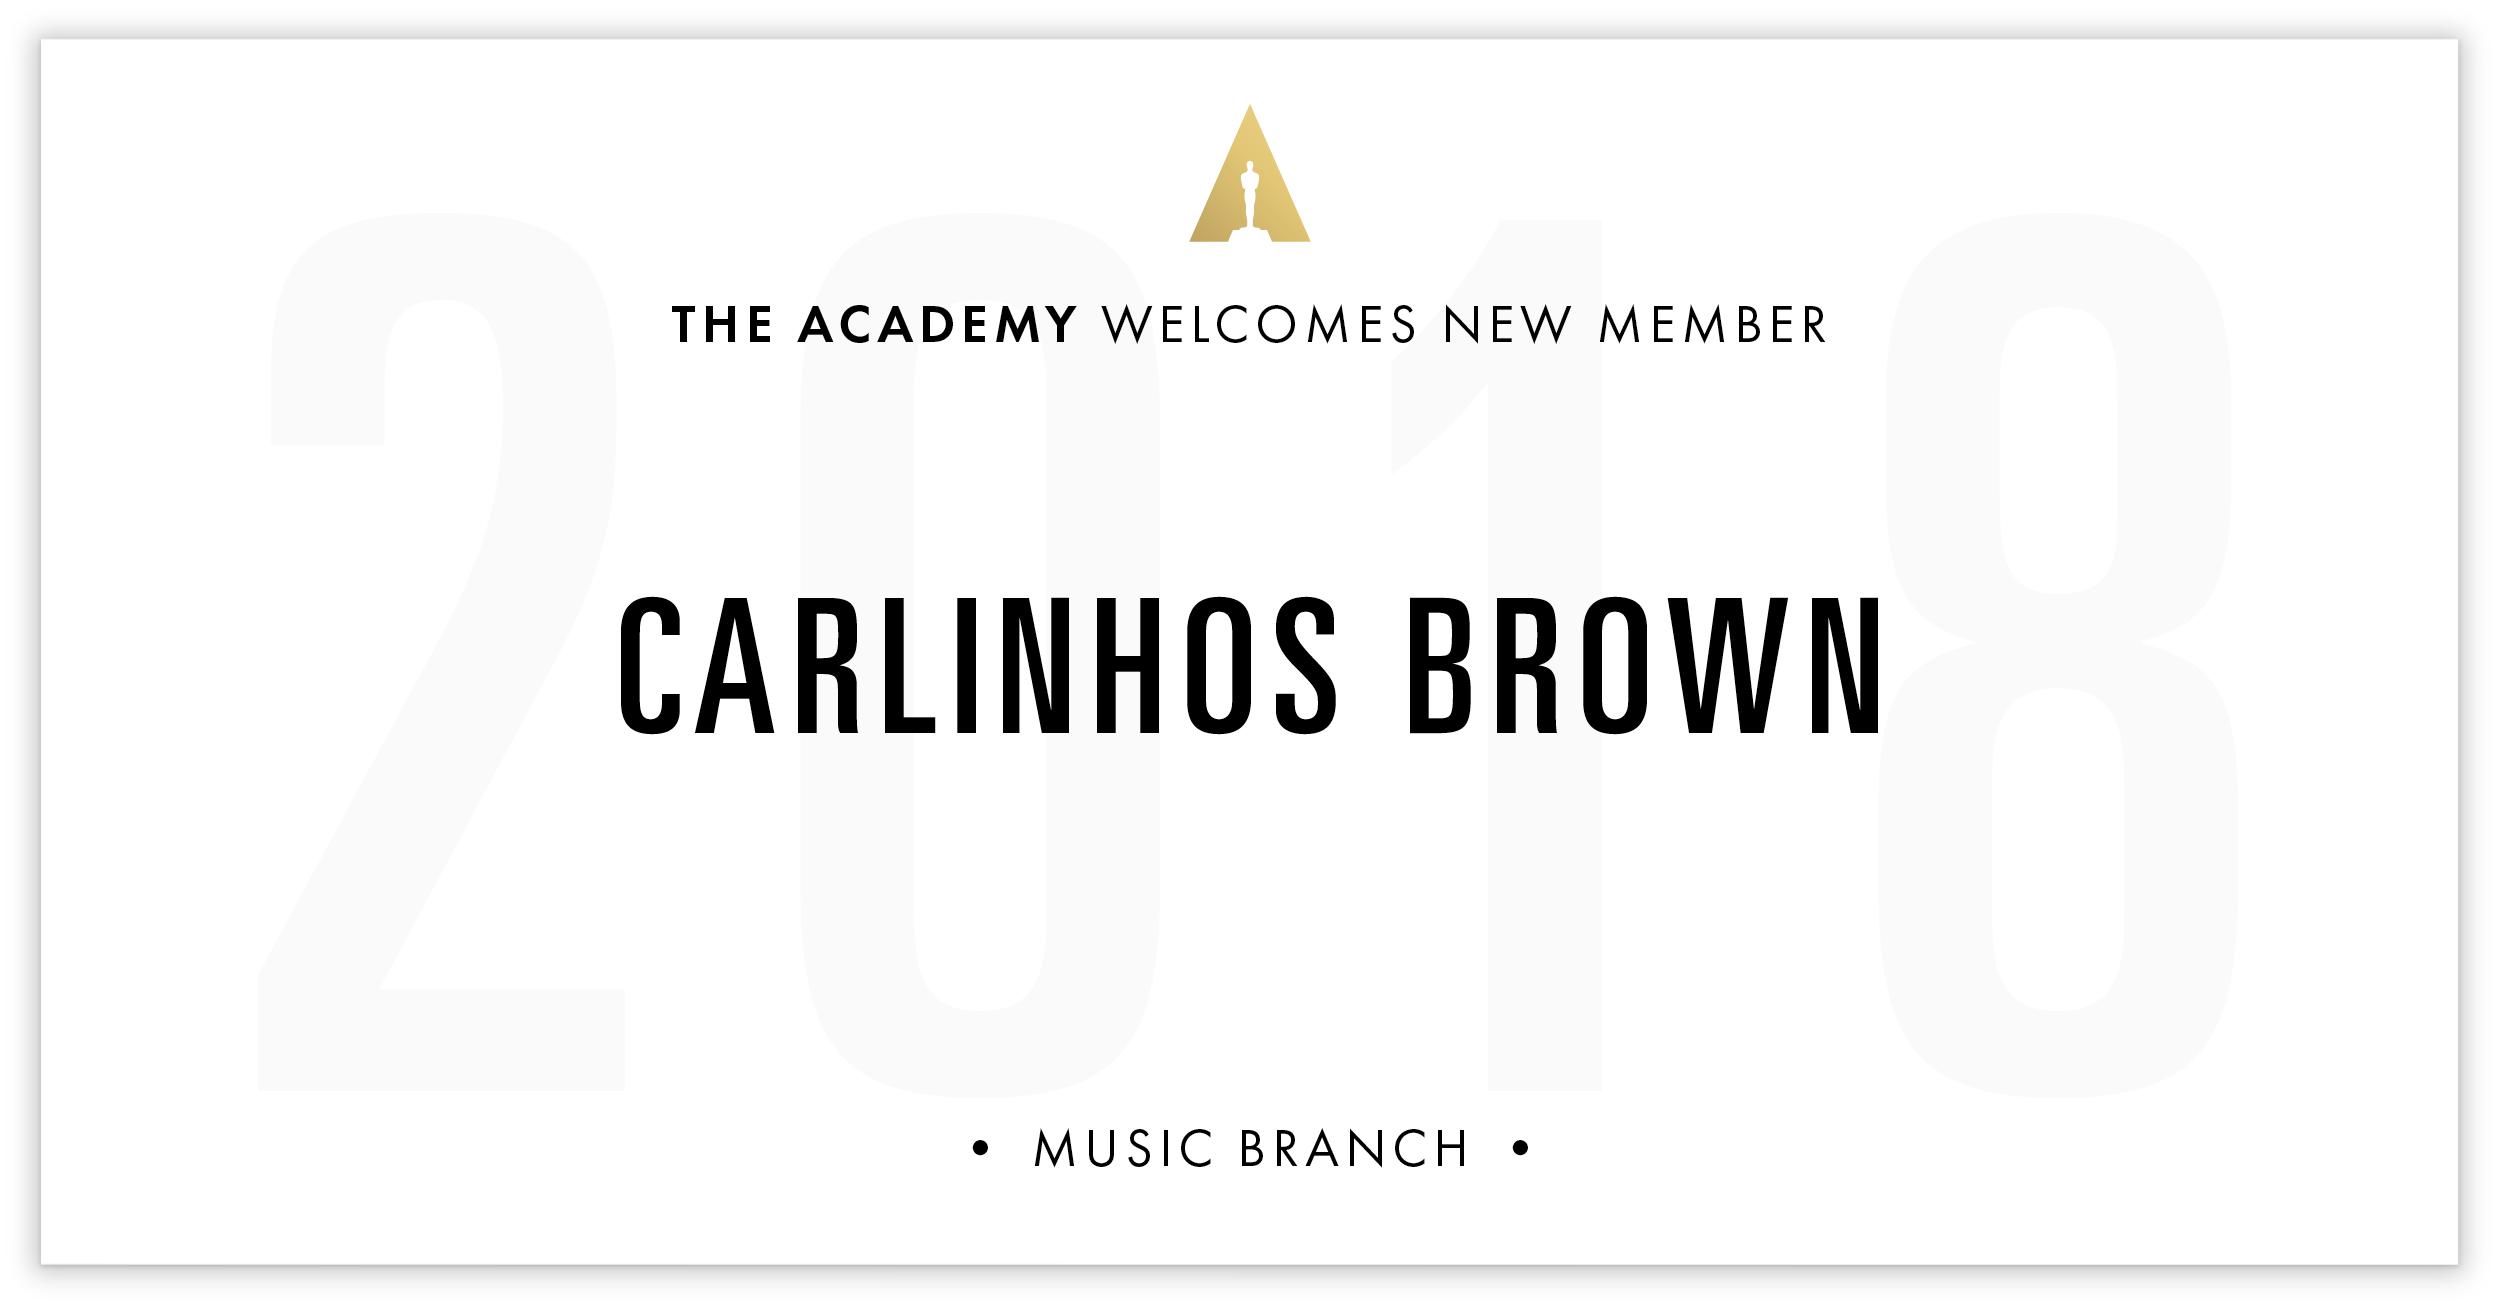 Carlinhos Brown is invited!